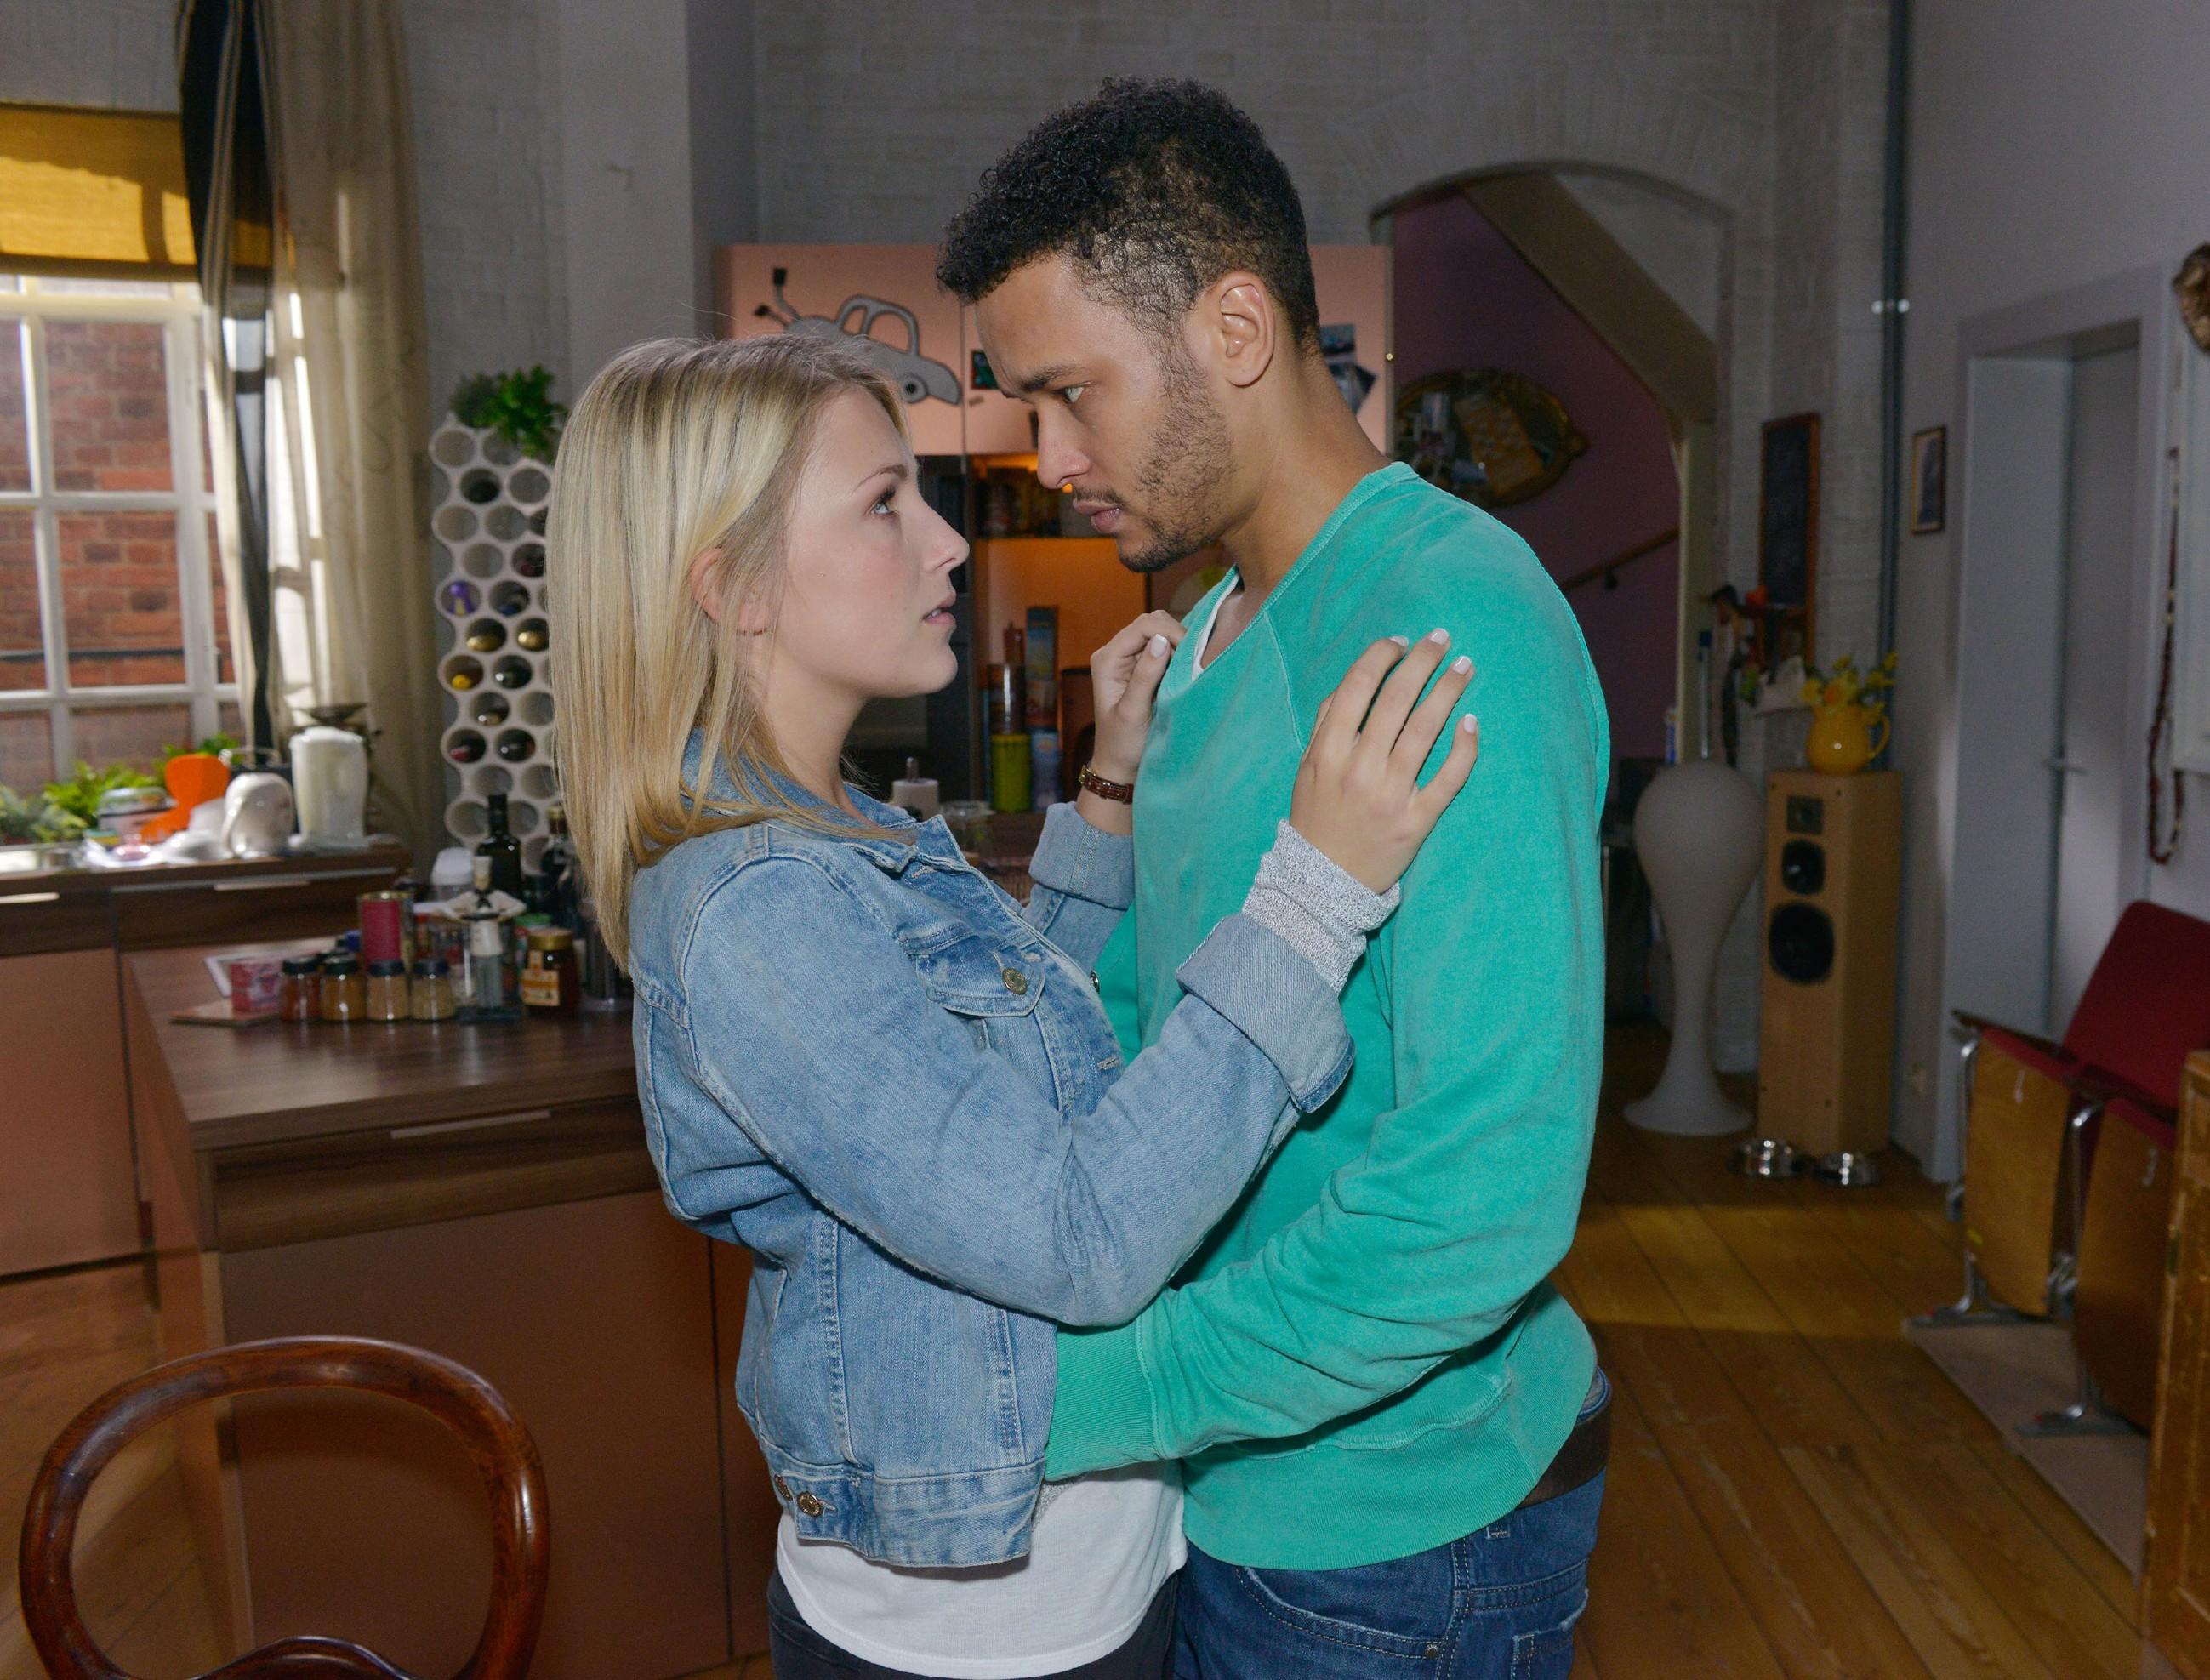 Als Amar (Thando Walbaum) Lilly (Iris Mareike Steen) seine uneingeschränkte Liebe versichert, entschließt sie sich, ihm bei der Familienzusammenführung zu helfen. (Quelle: RTL / Rolf Baumgartner)